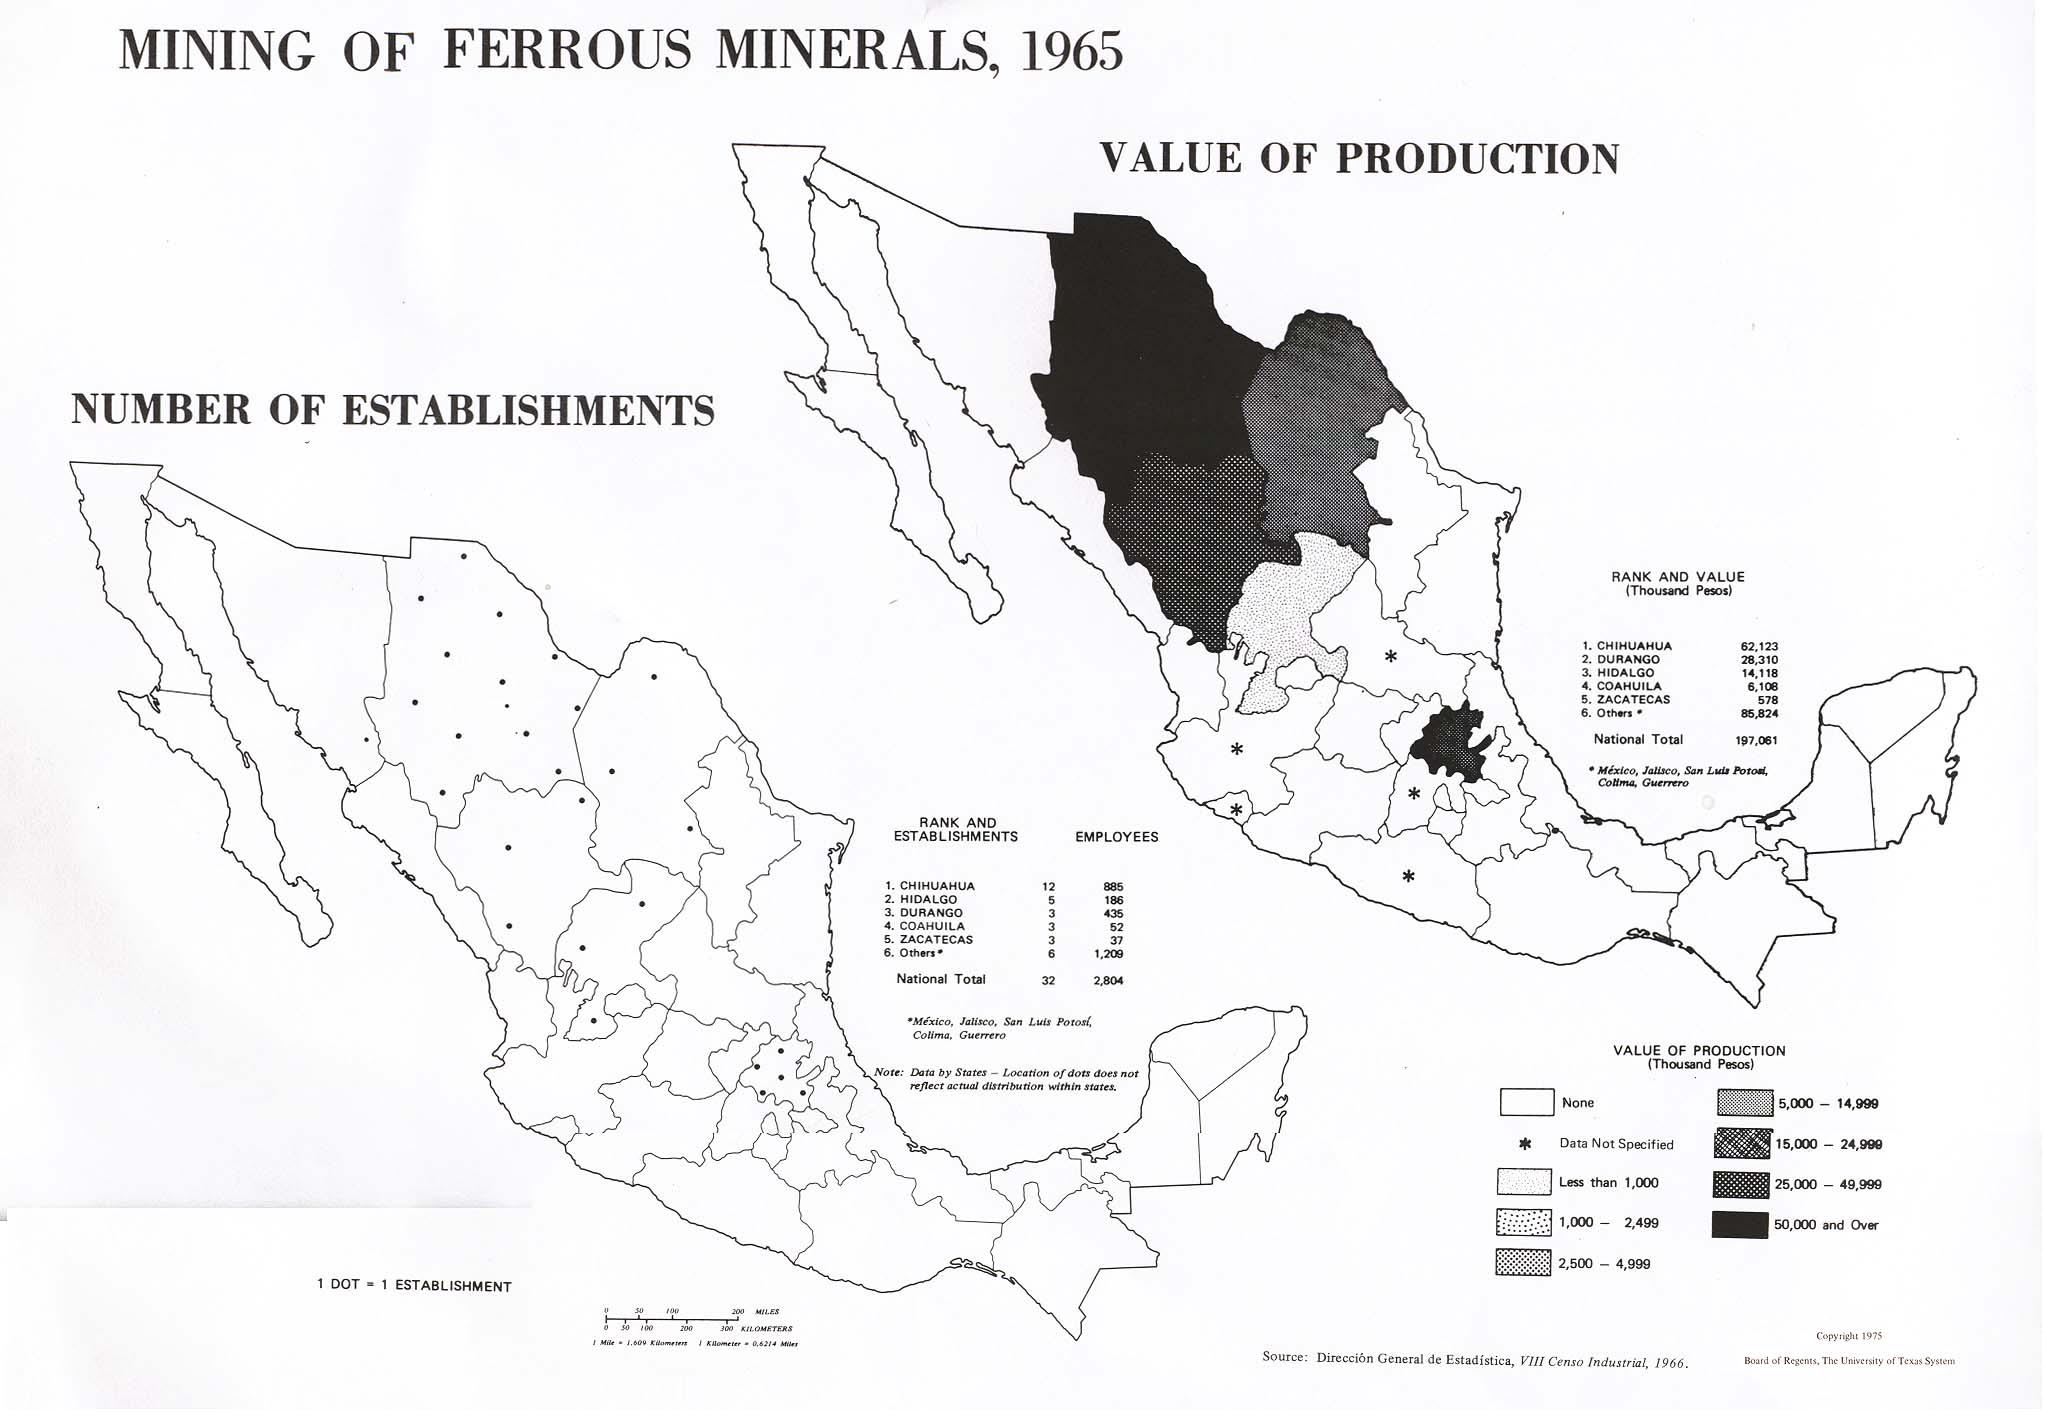 Mapa de Minería de Minerales Metálicos no Ferrosos en México 1965